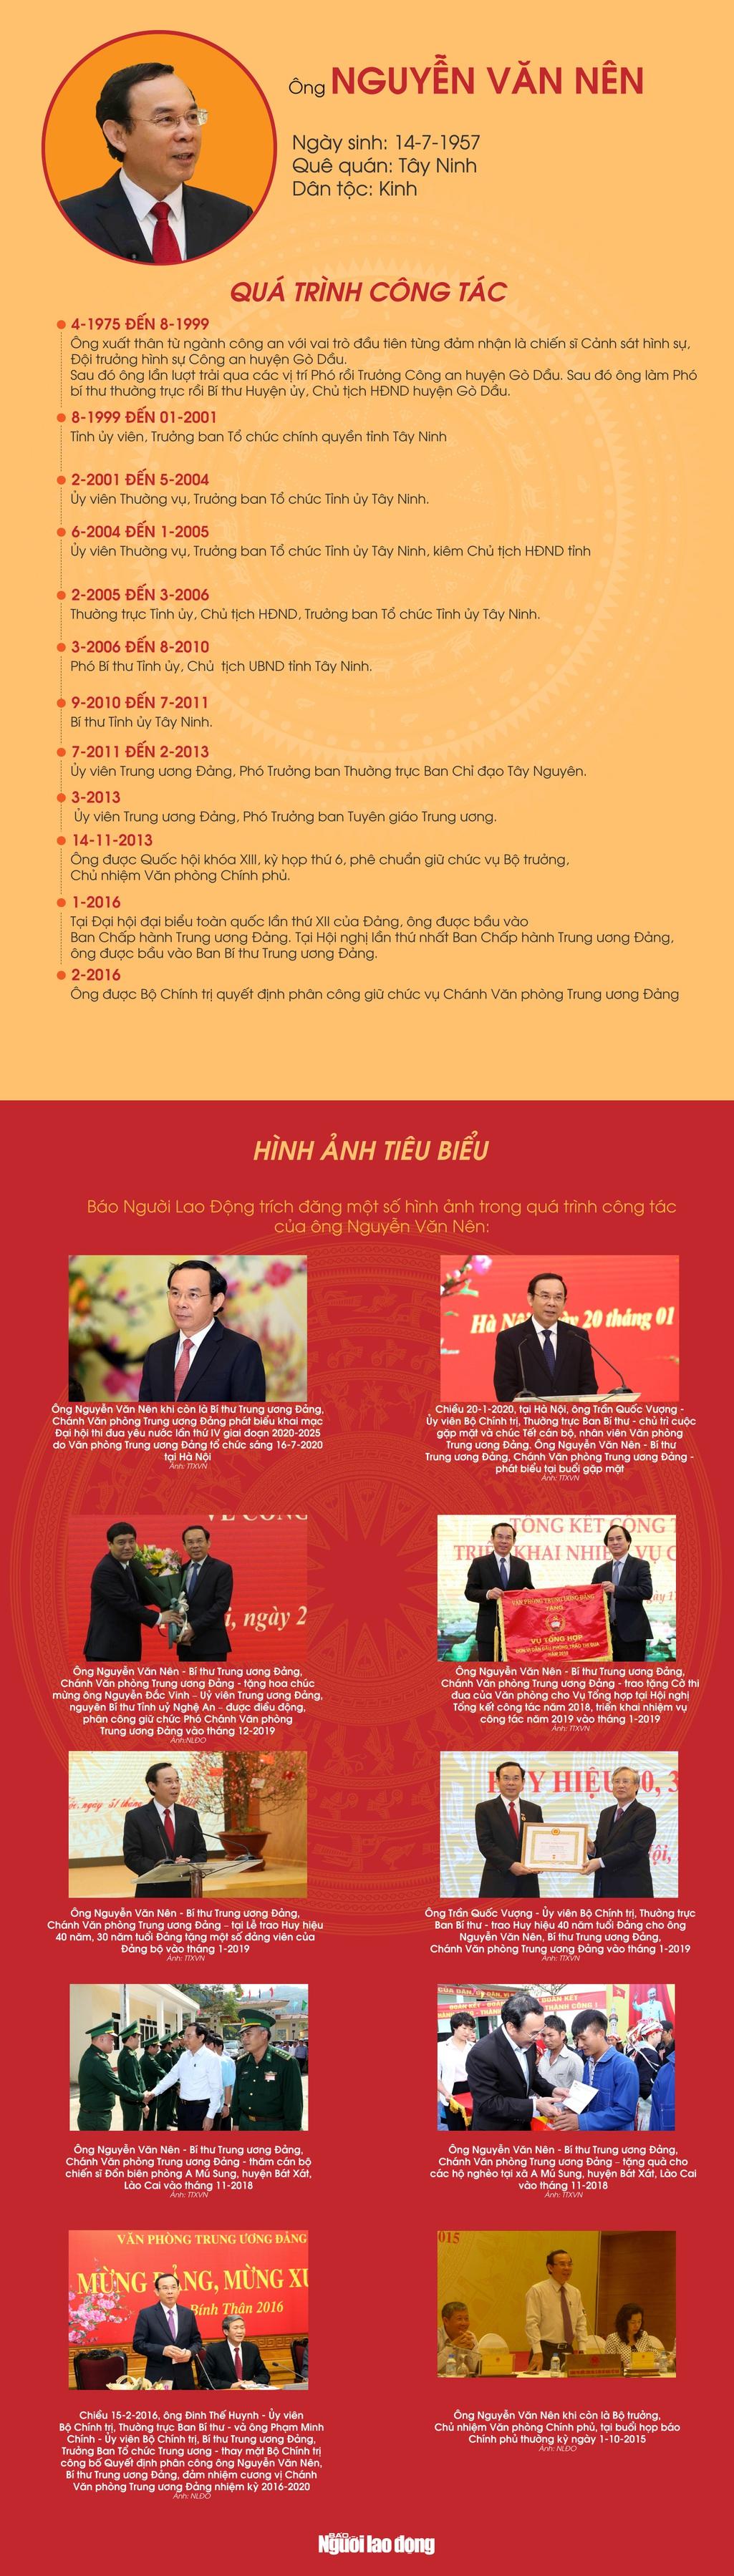 Ông Nguyễn Văn Nên và quá trình công tác hơn 45 năm - Ảnh 1.